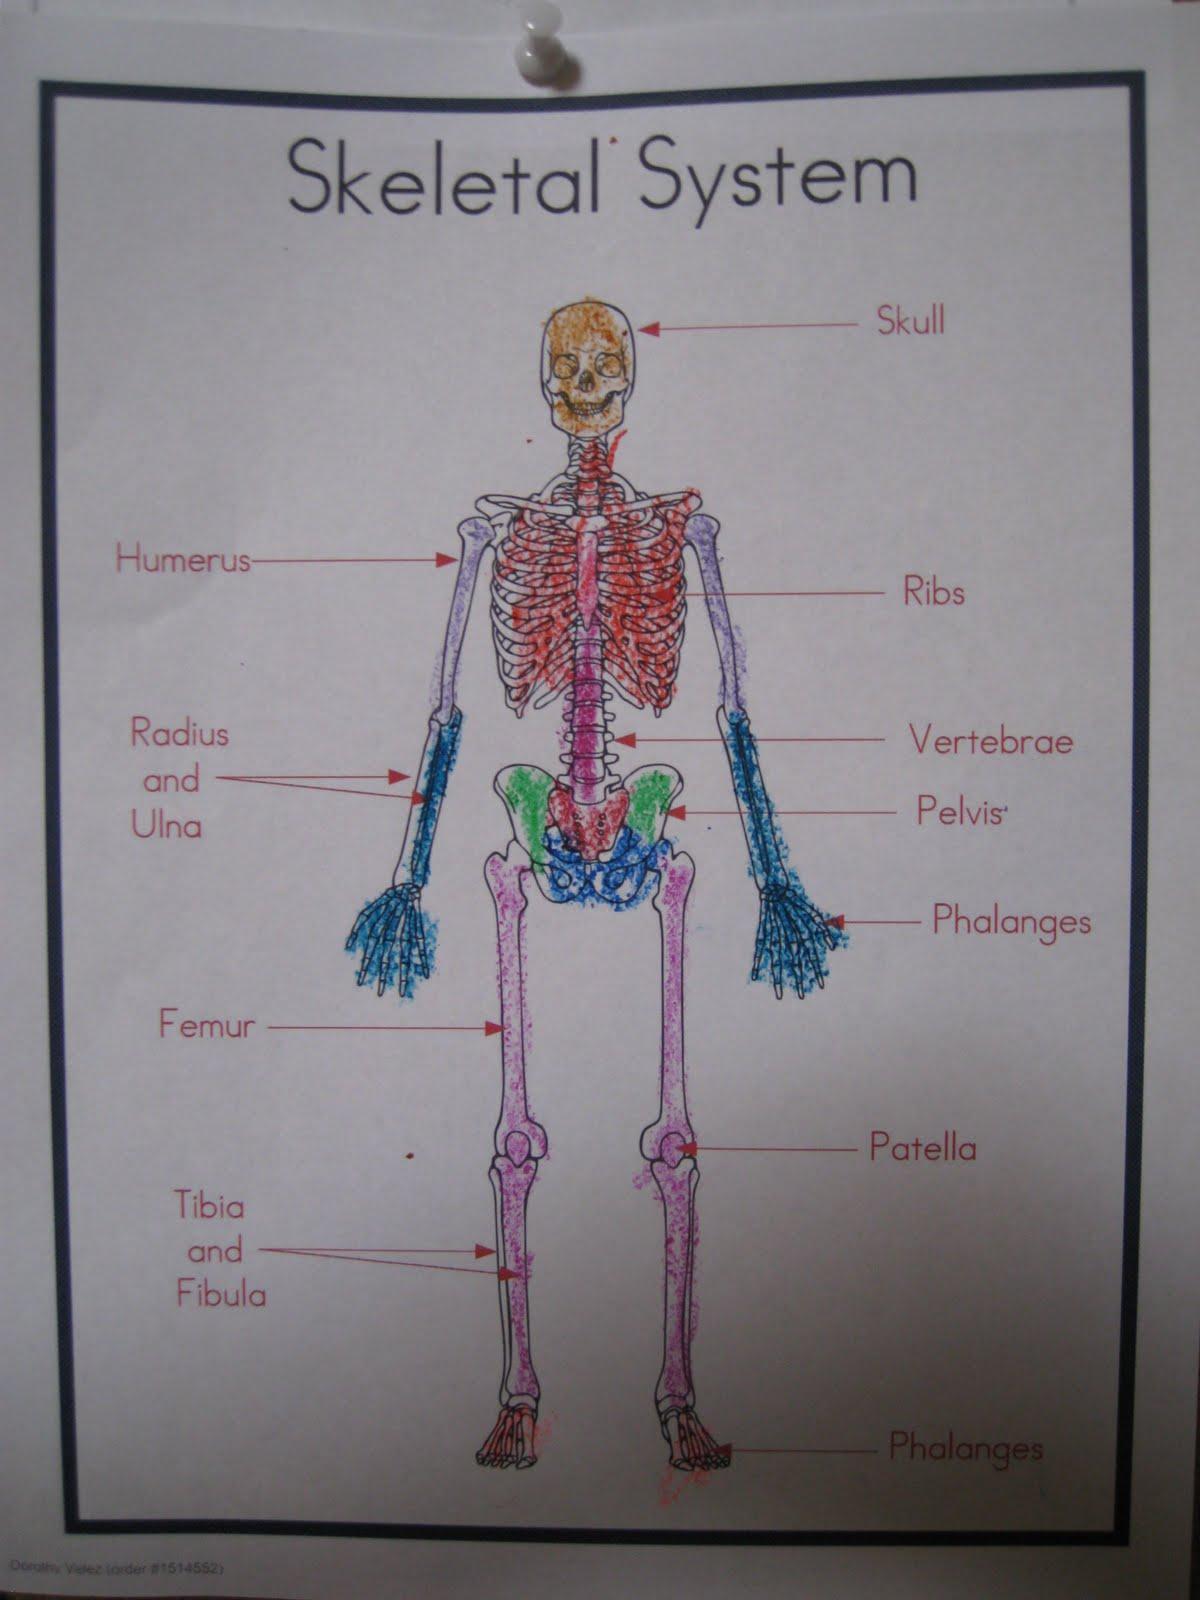 Colorful Skeletal System